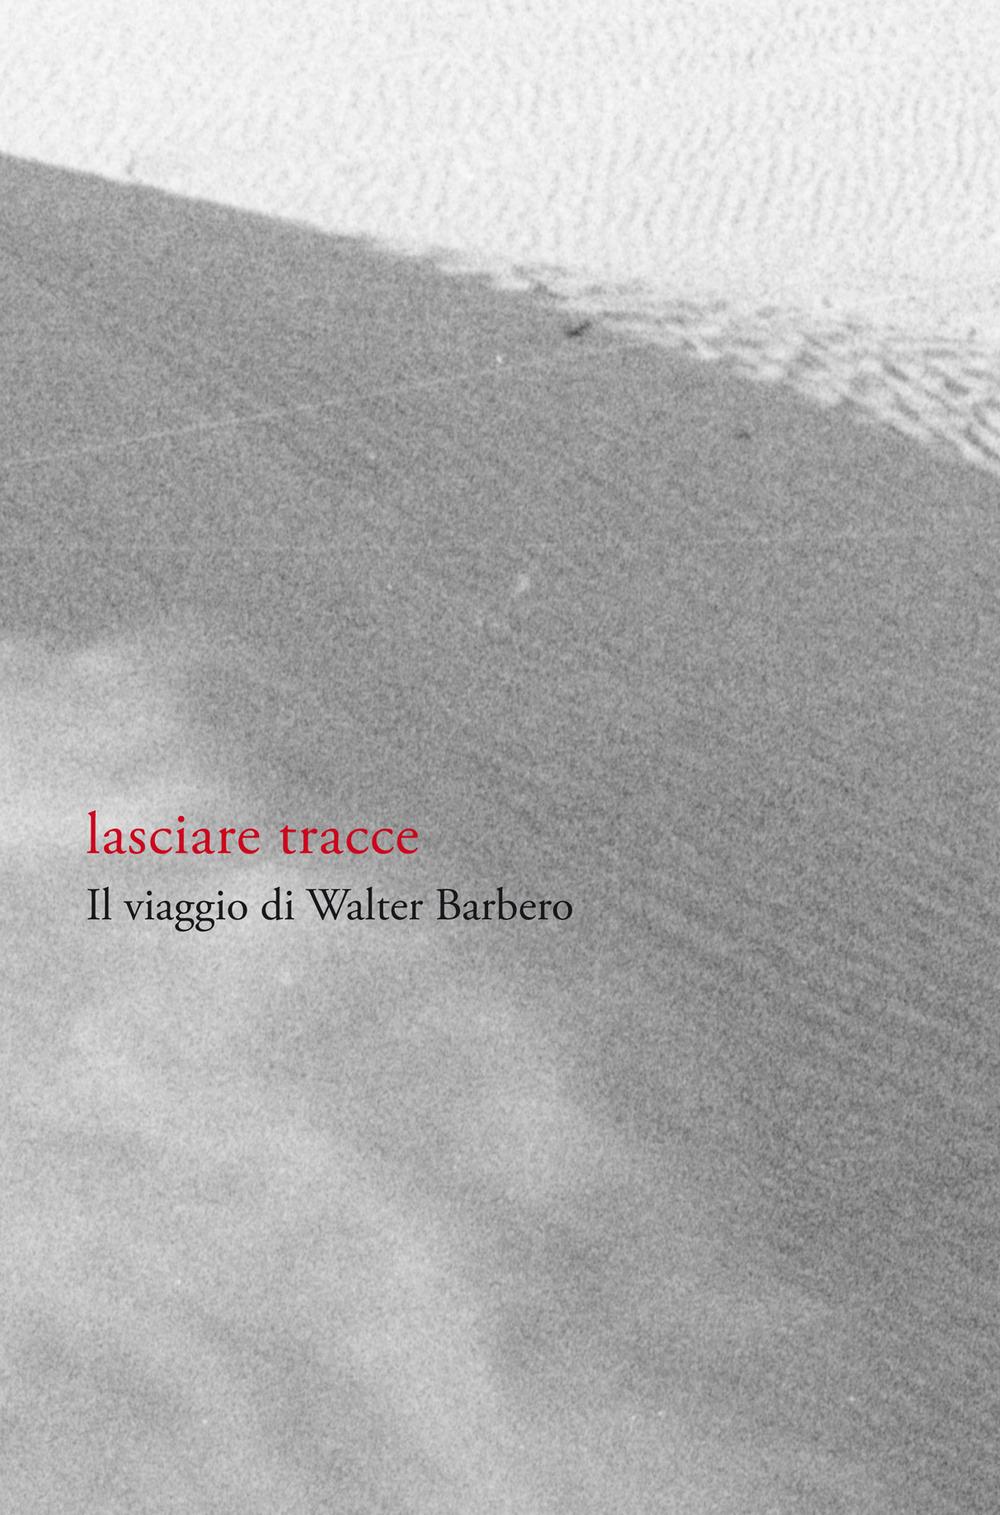 Image of Lasciare tracce. Il viaggio di Walter Barbero